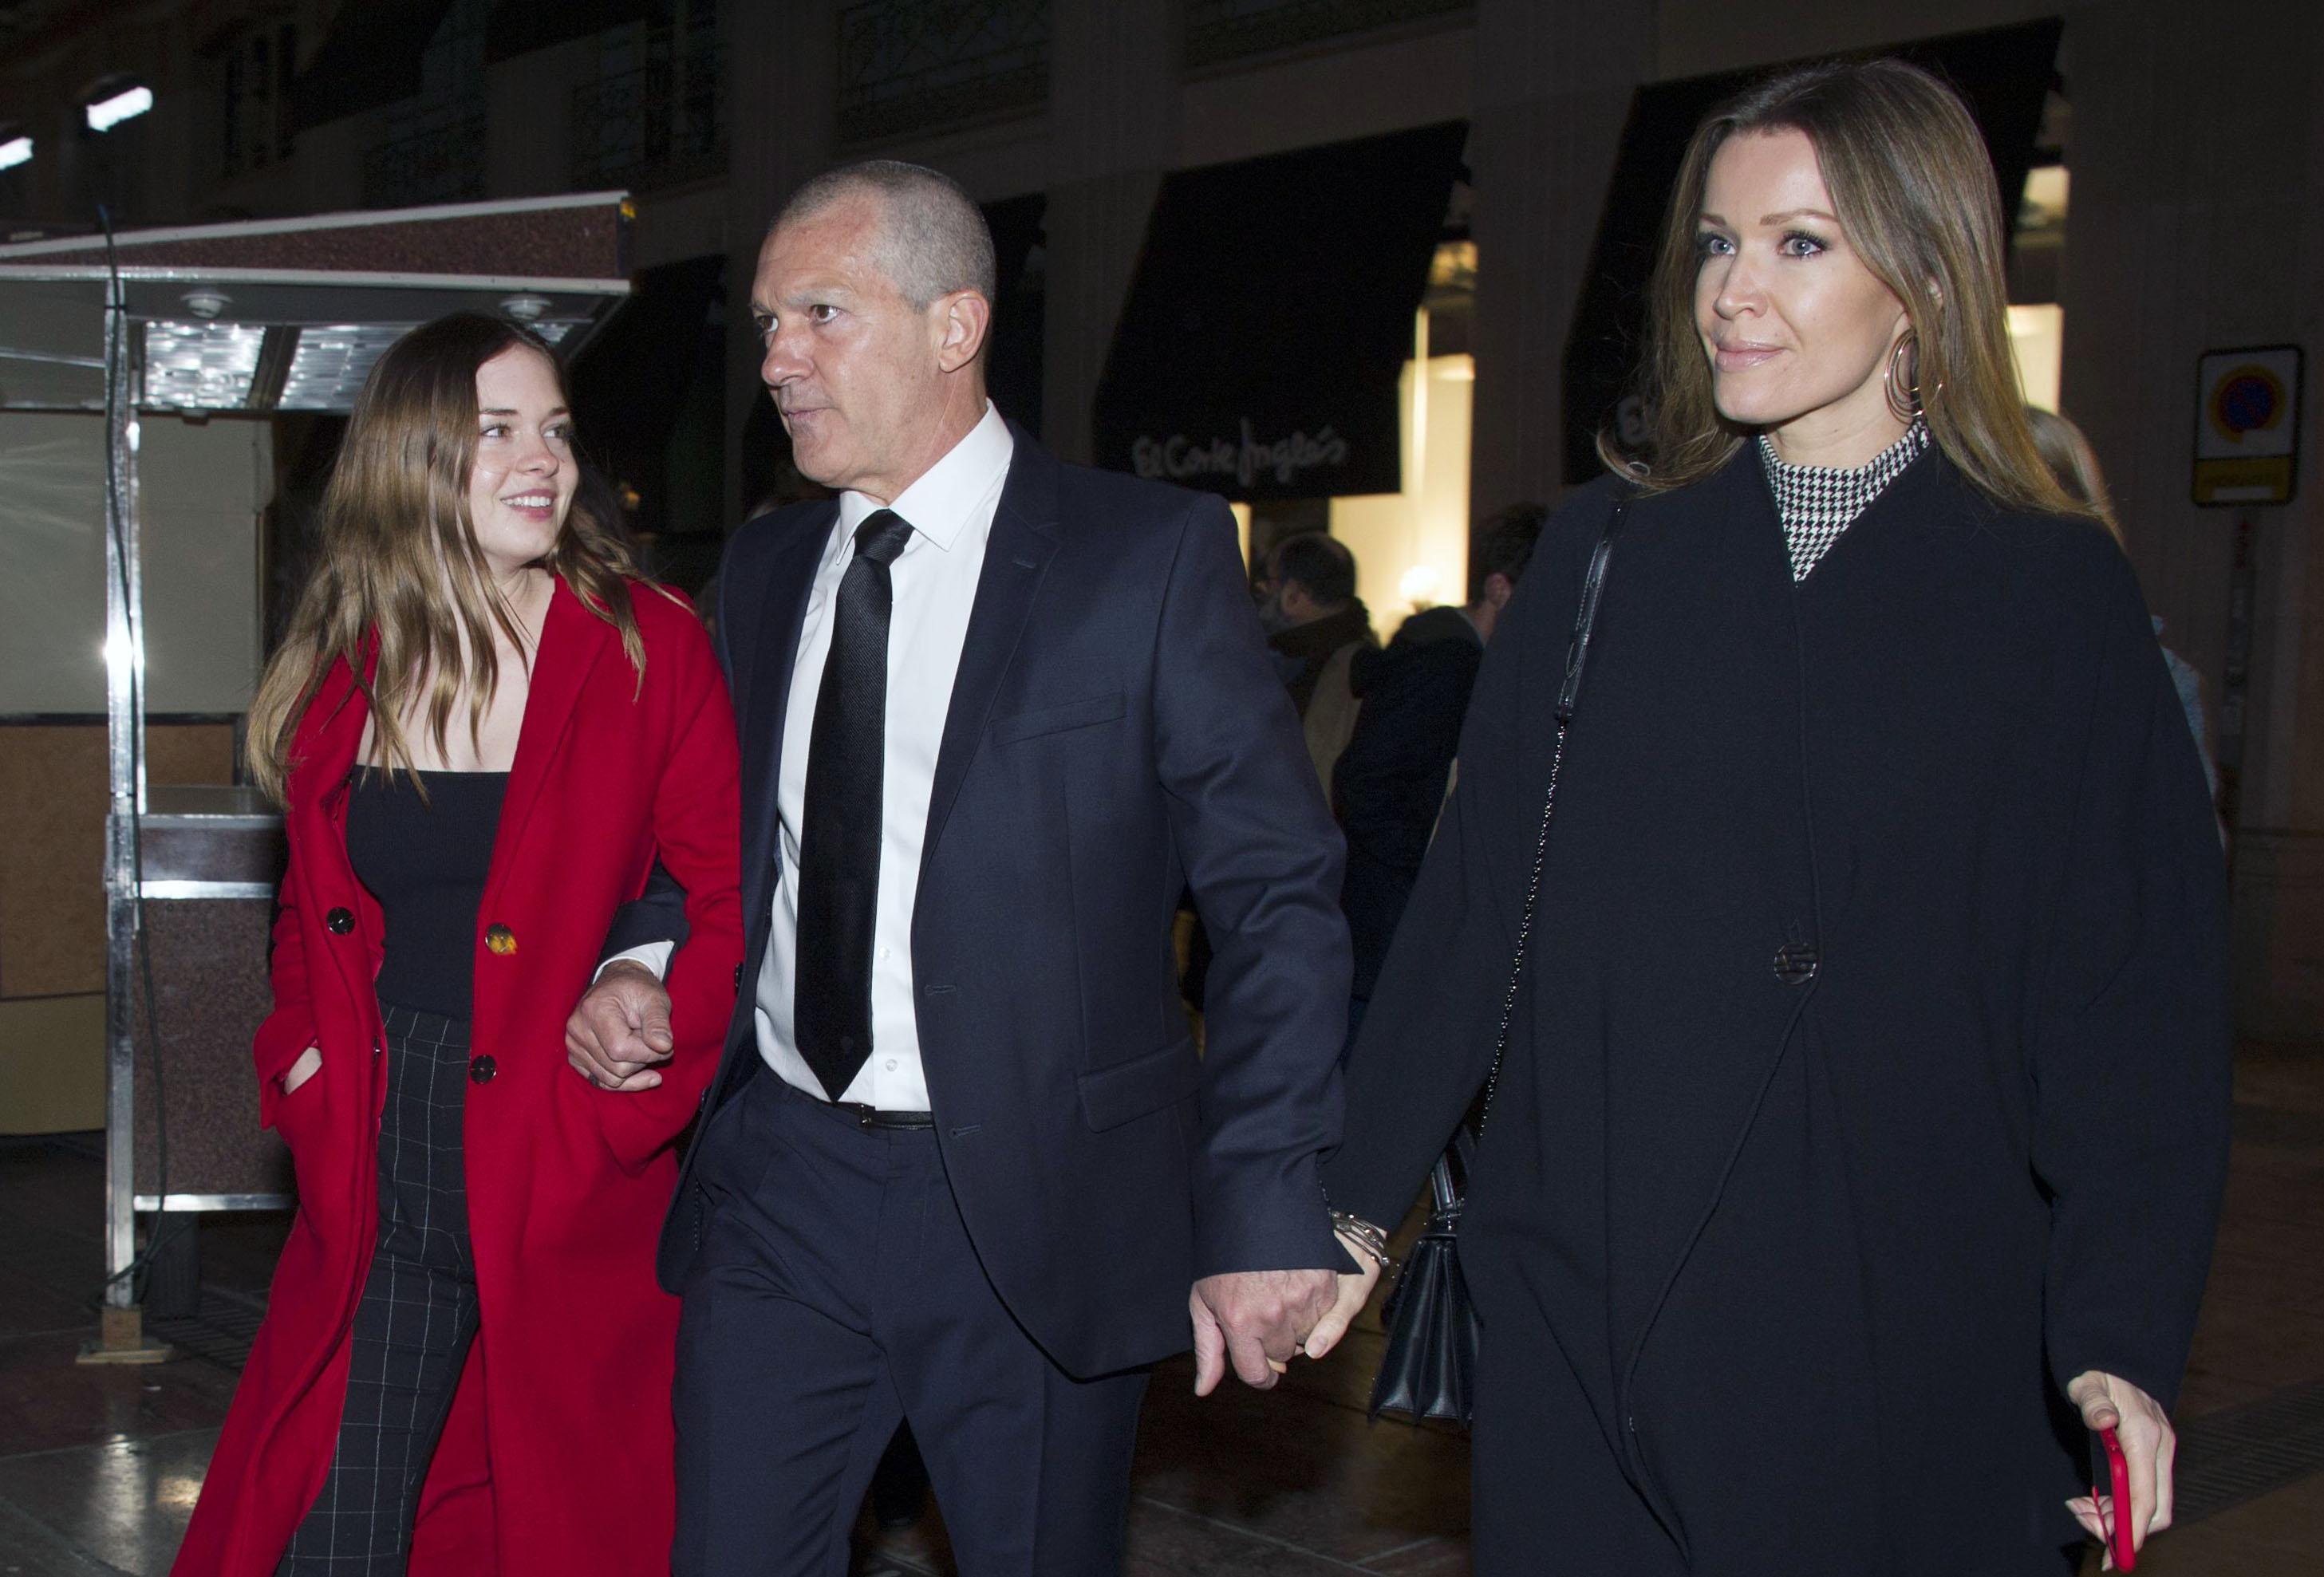 Antonio Banderas, Stella del Carmen Banderas y Nicole Kimpel